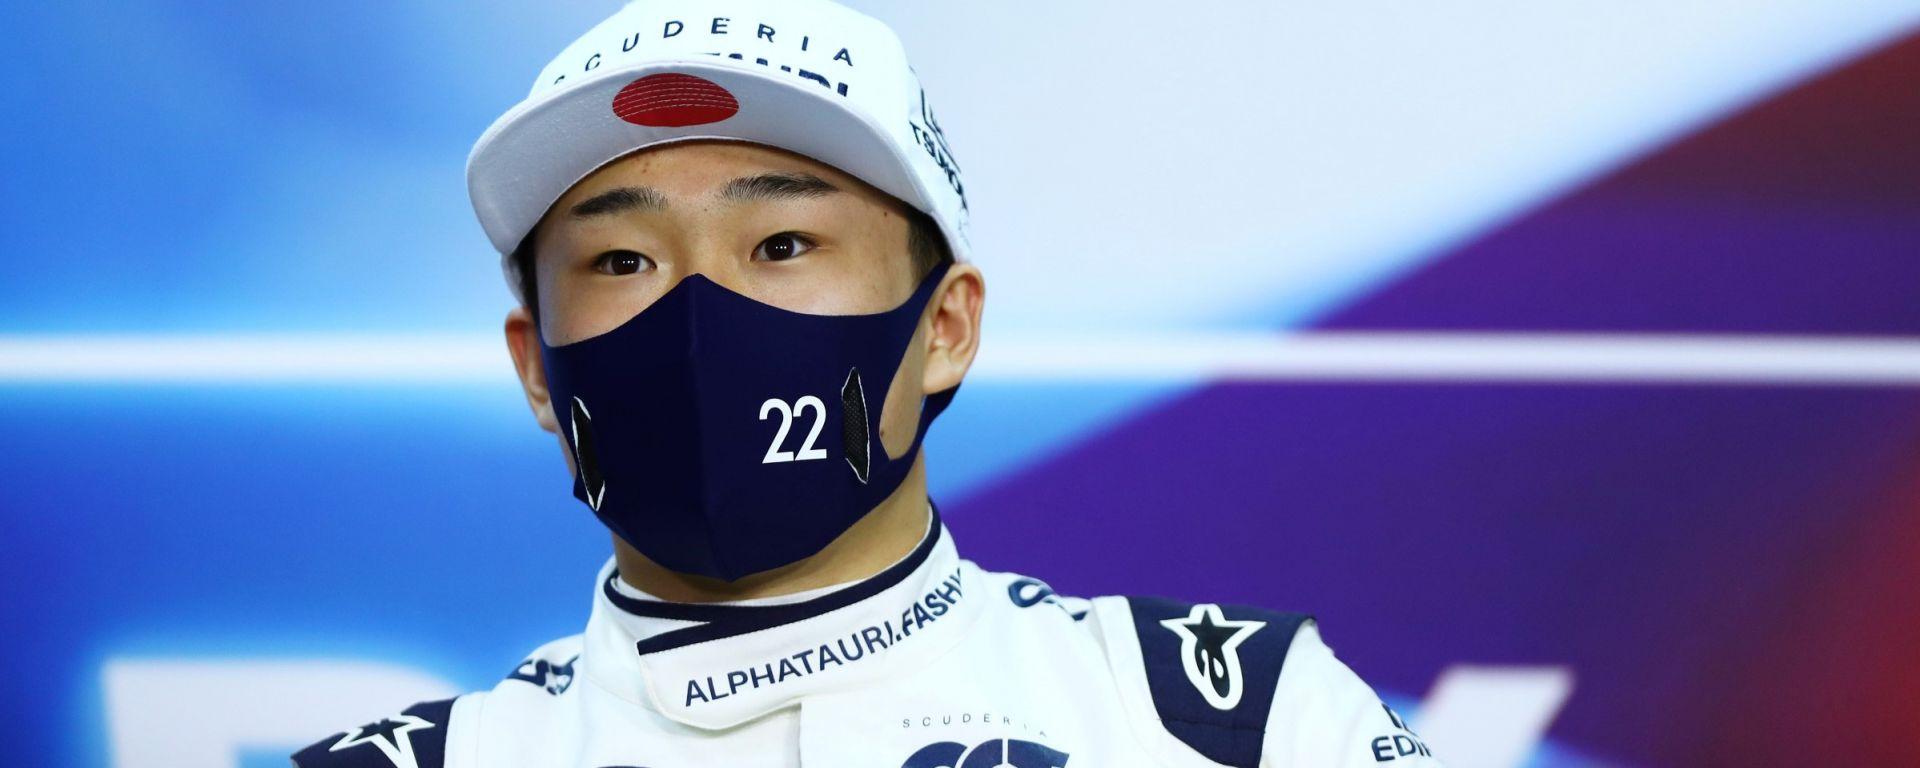 F1, GP Bahrain 2021: Yuki Tsunoda (AlphaTauri)